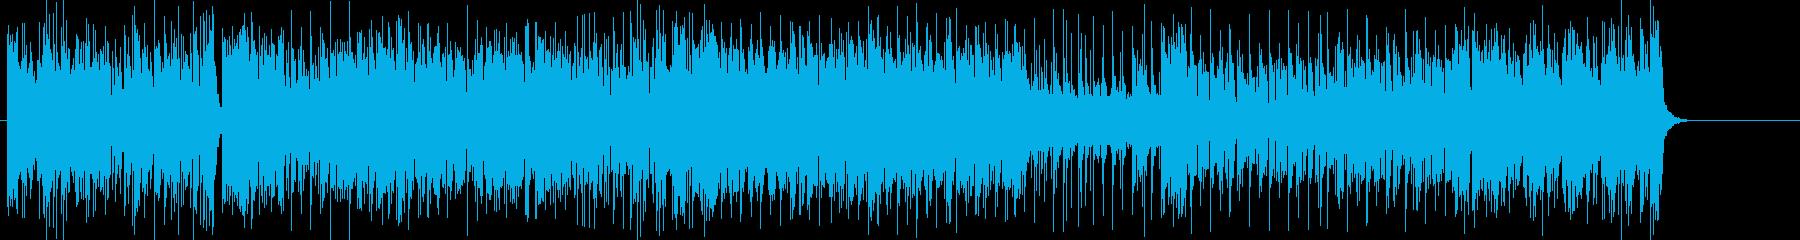 ファイティングに立ち向かうイメージの再生済みの波形